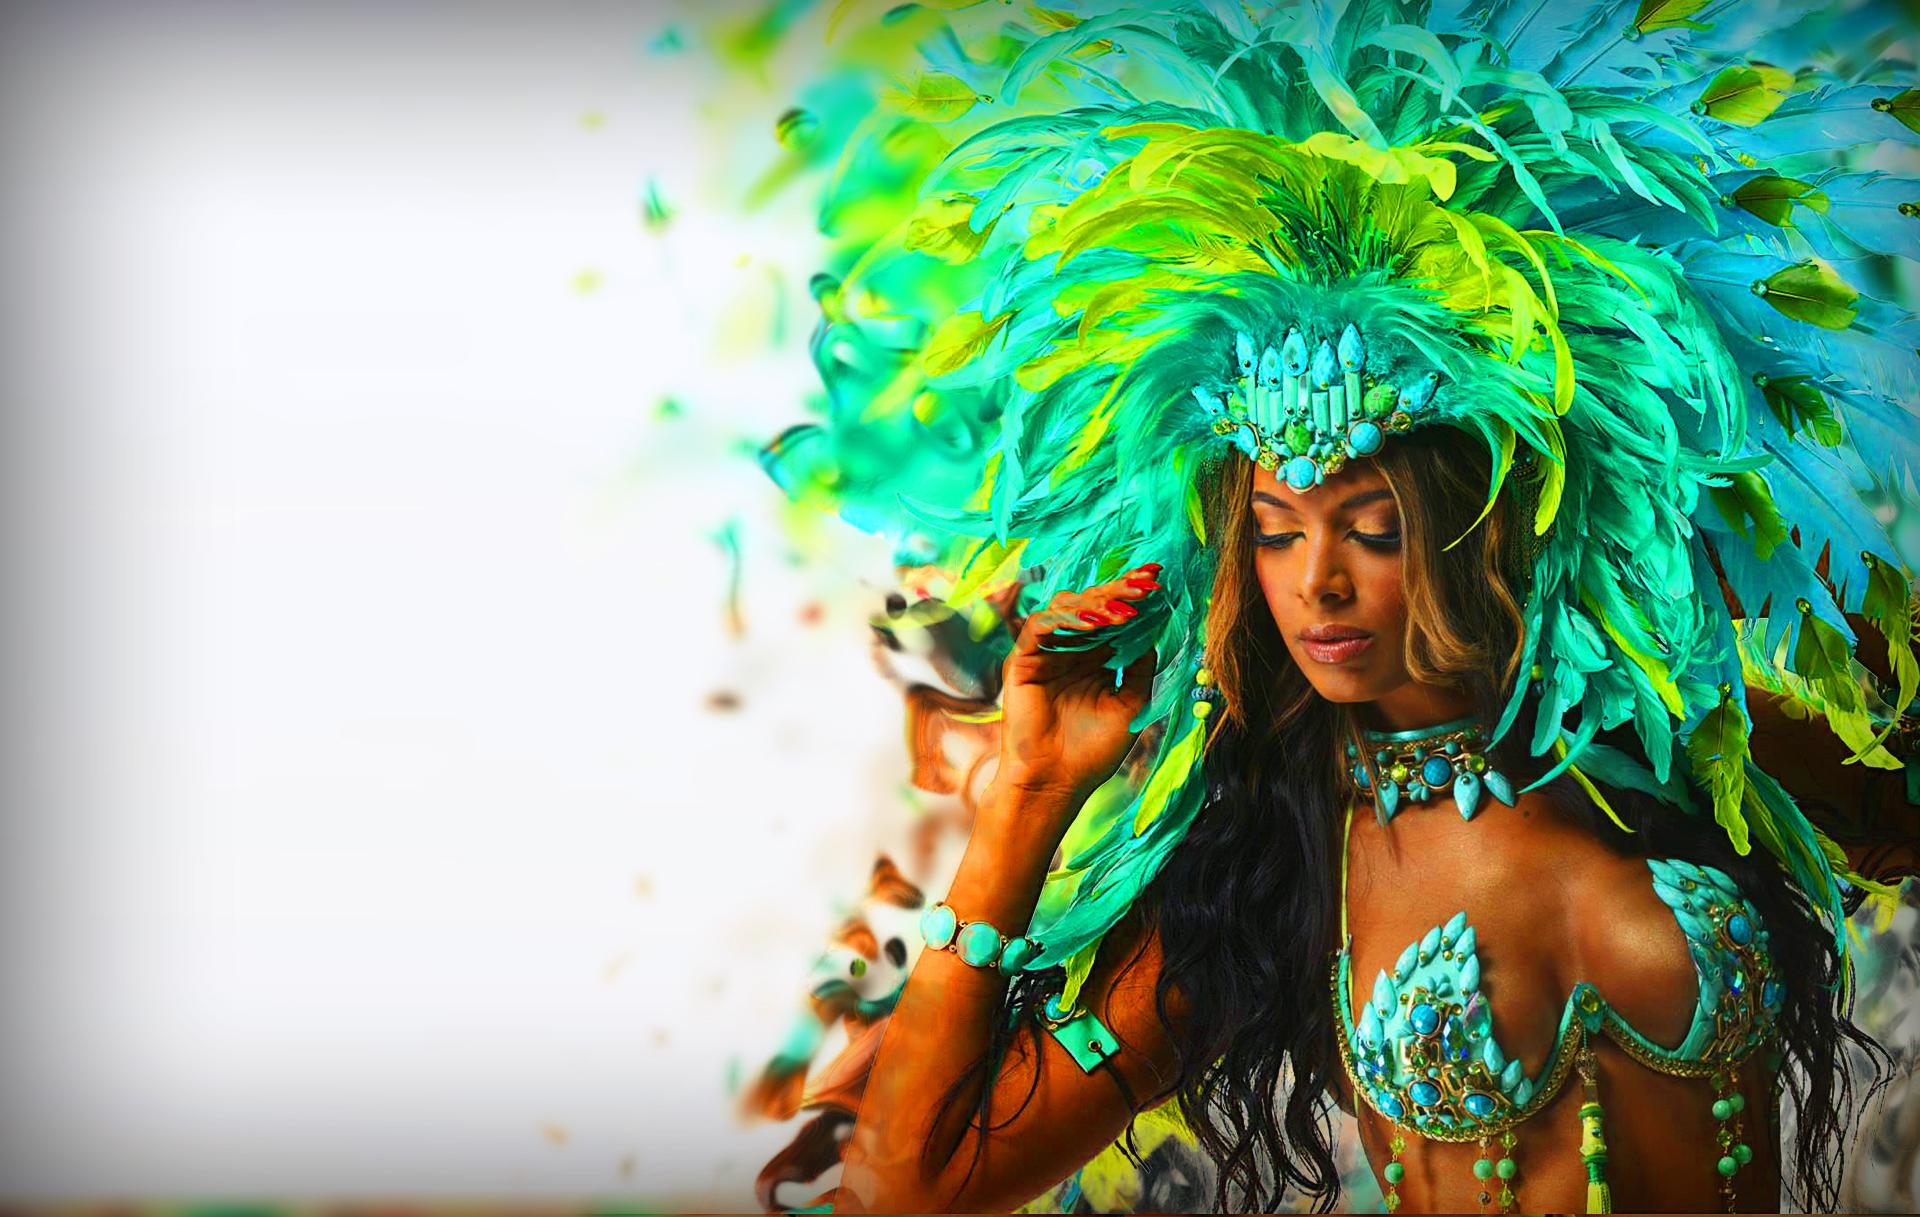 CARIFIESTA 2017 IN MONTREAL